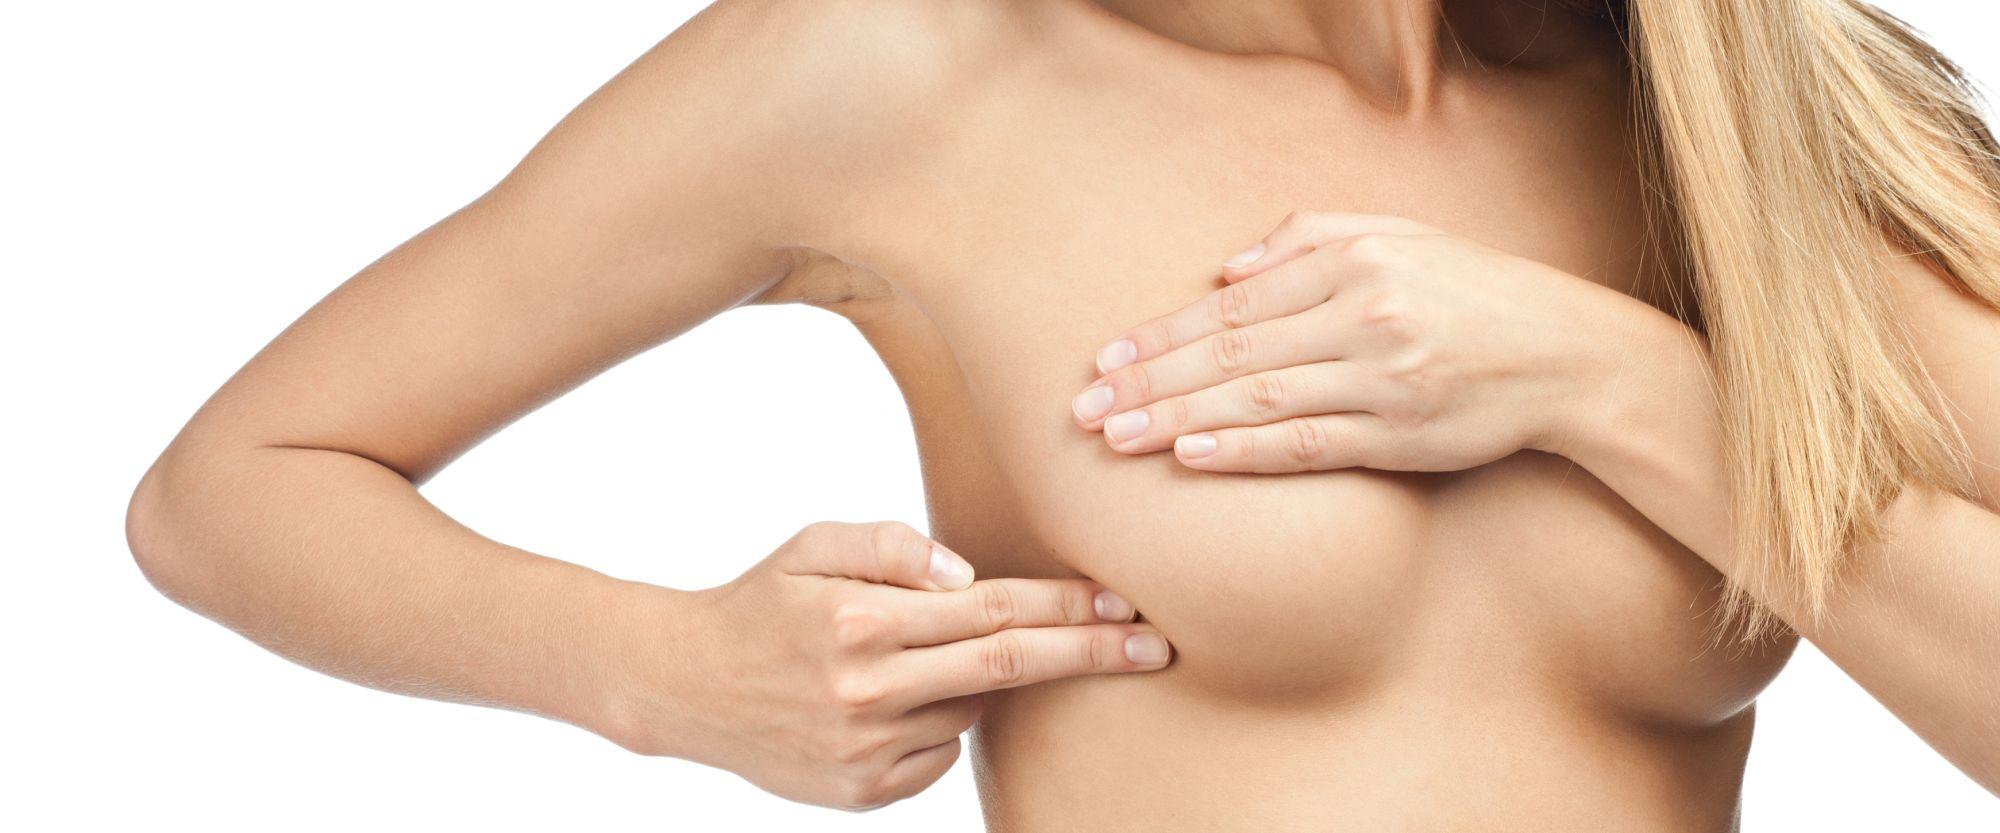 vörös foltok a karon mastectomia után